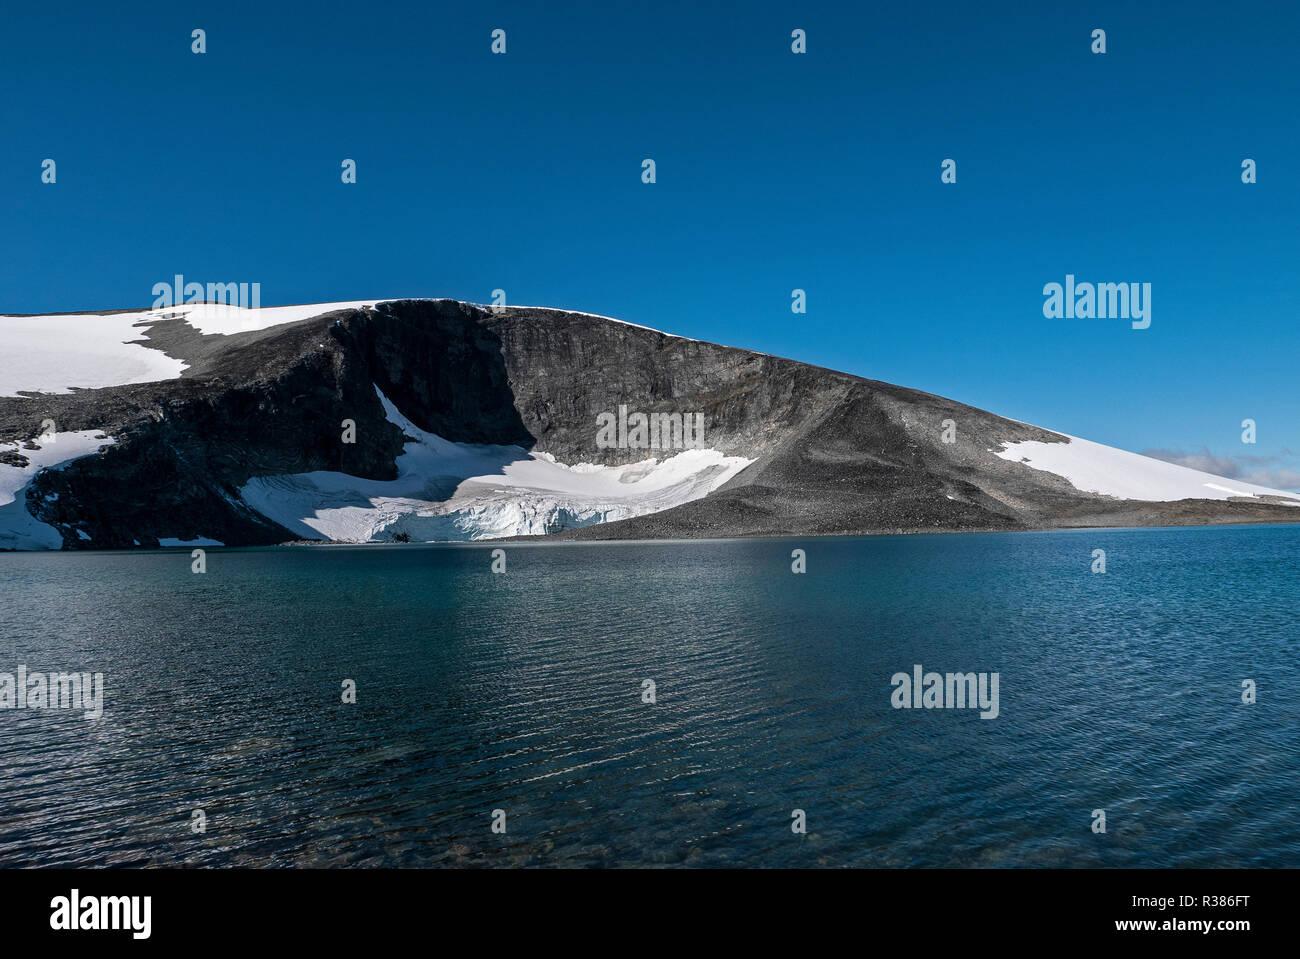 The gorge named Kjelen(the Kettle) on lake Juvvatnet at 1850 metres+ - Stock Image